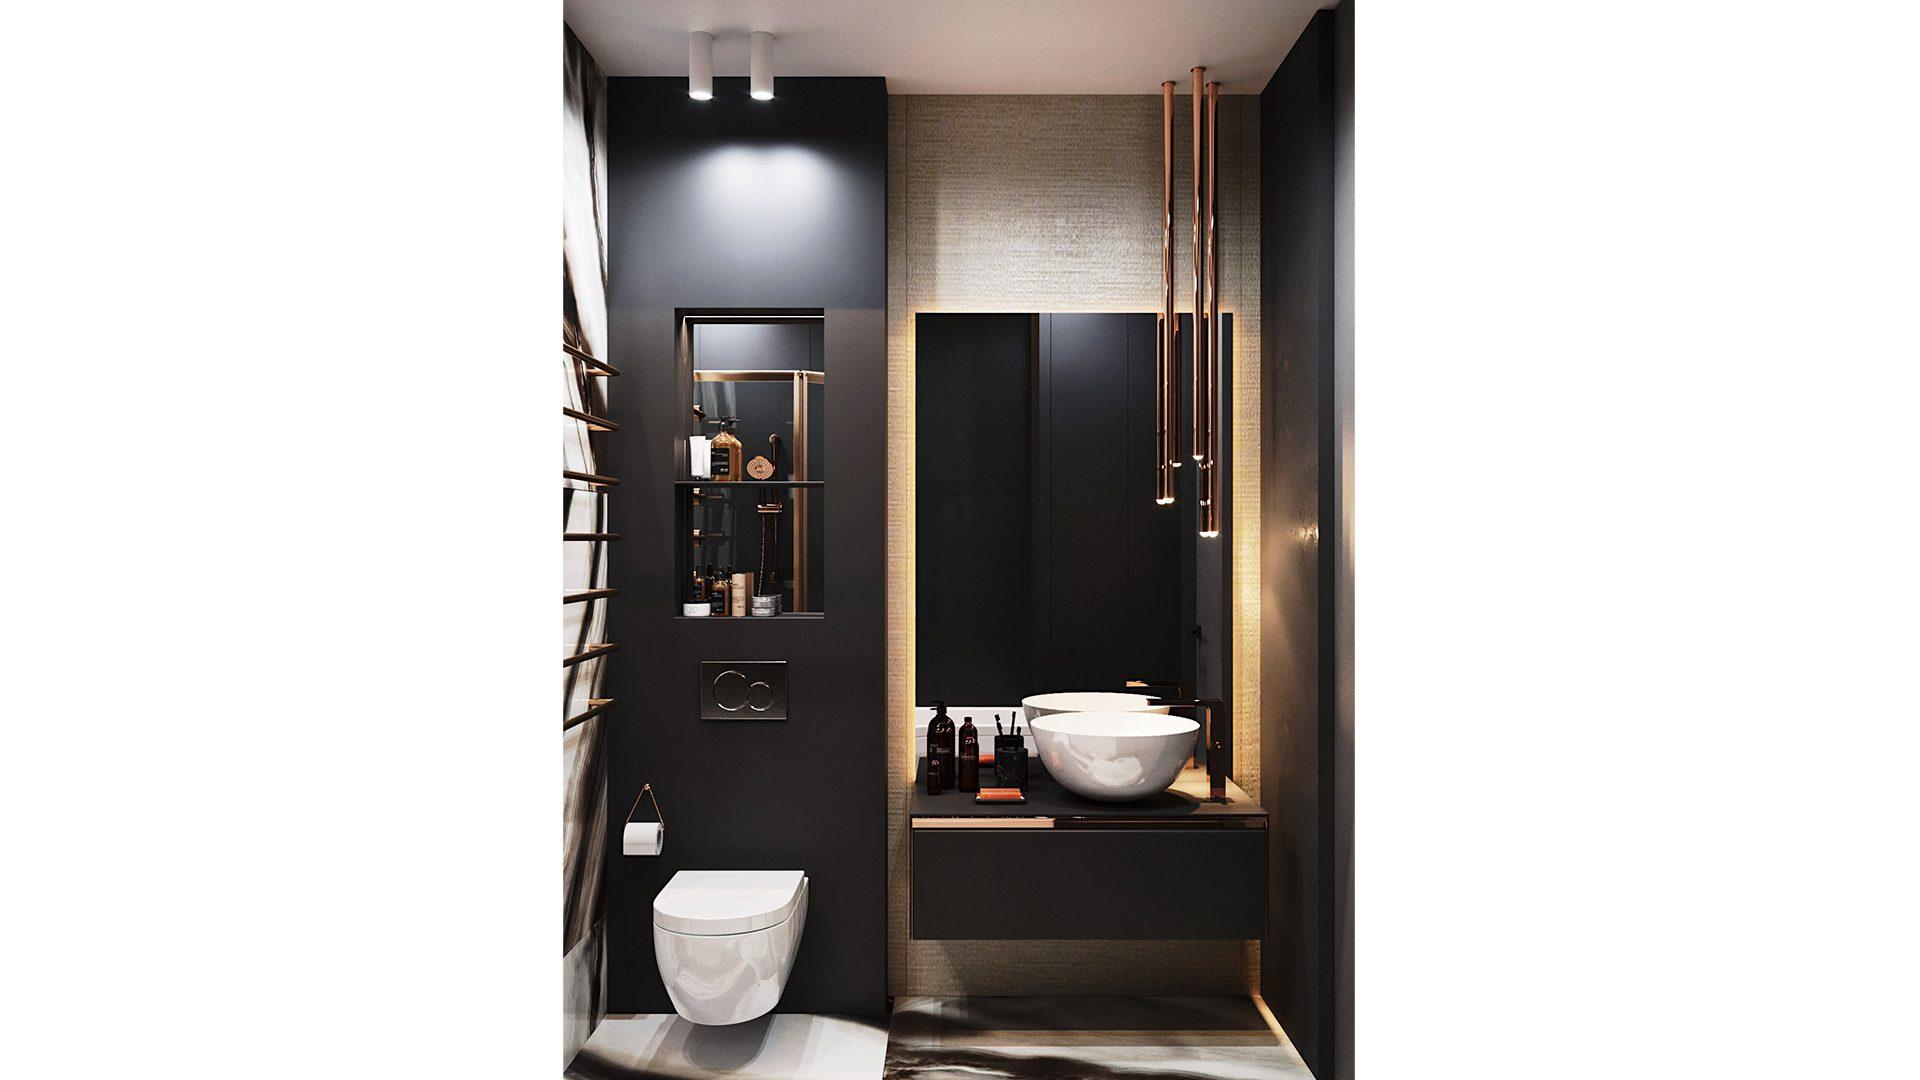 49 Dorset Road_sample interior design(1920x1080)_Home Quarters SG_KC Ng Keng Chong-6